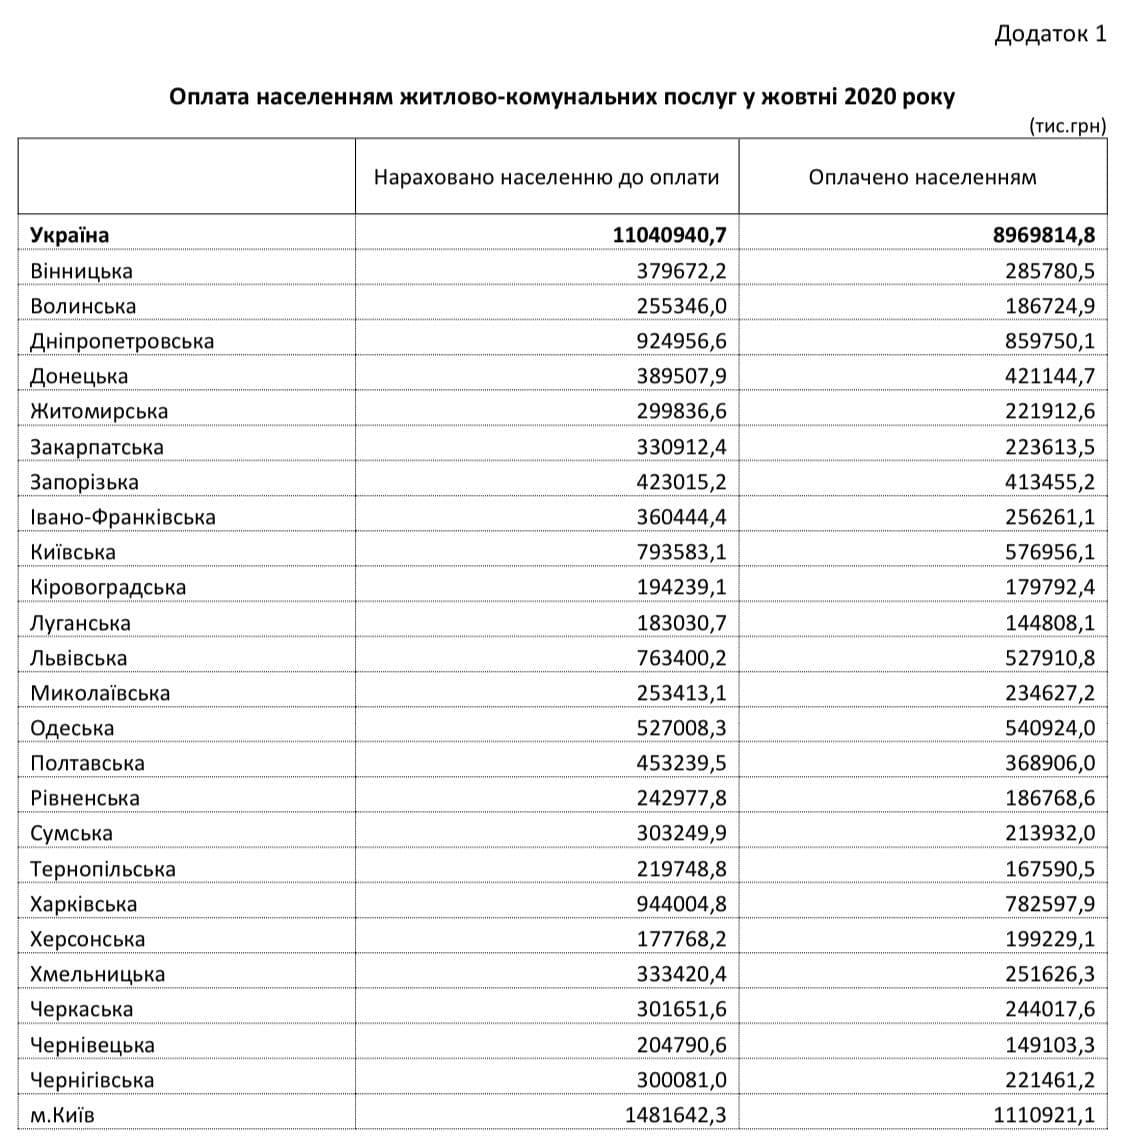 Комунальні платежі українців за рік зросли на 57%